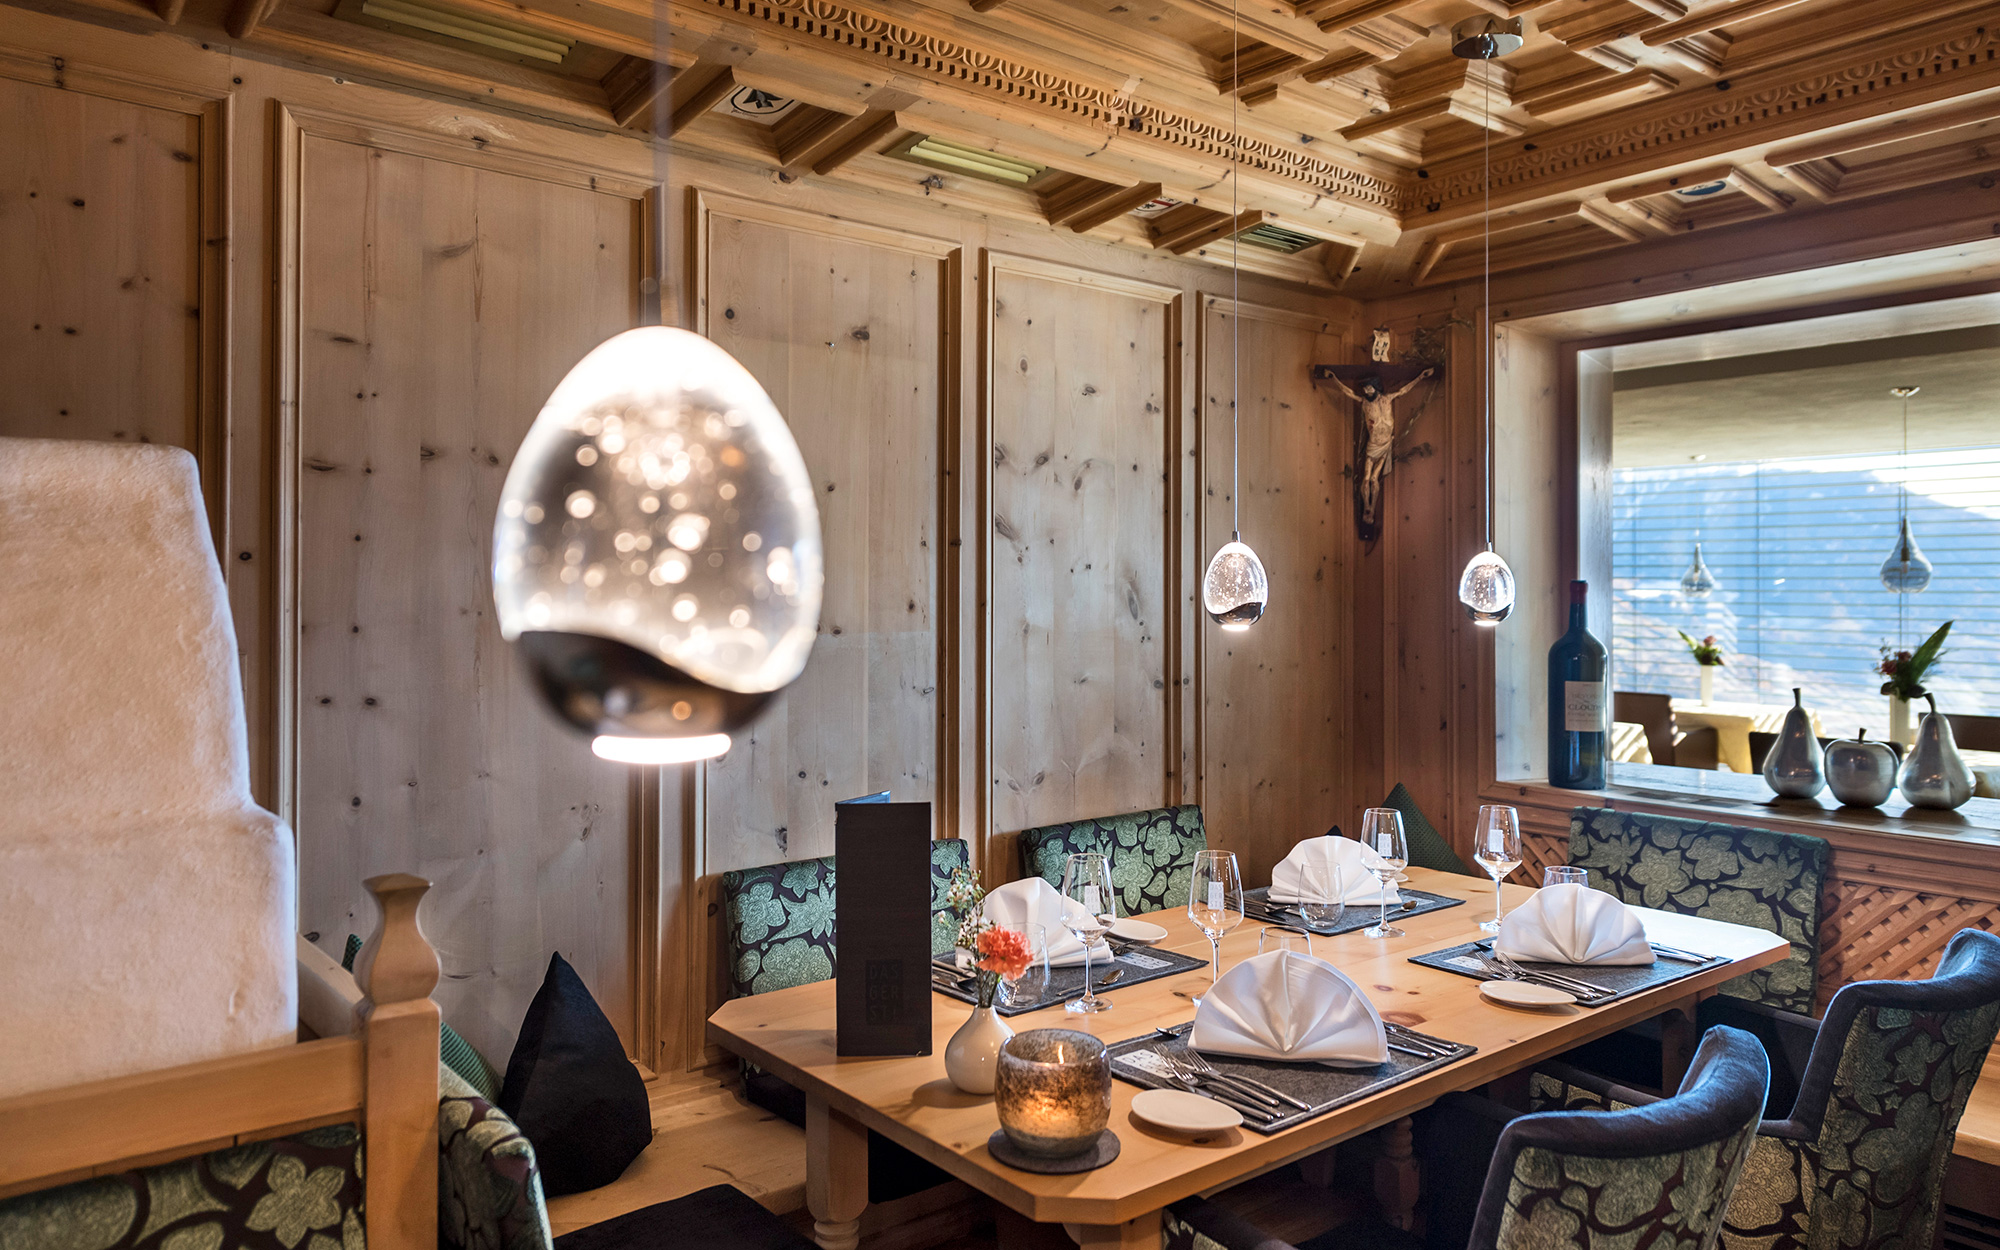 Alpin Relax Hotel Das Gerstl News Die Vinschger Stube